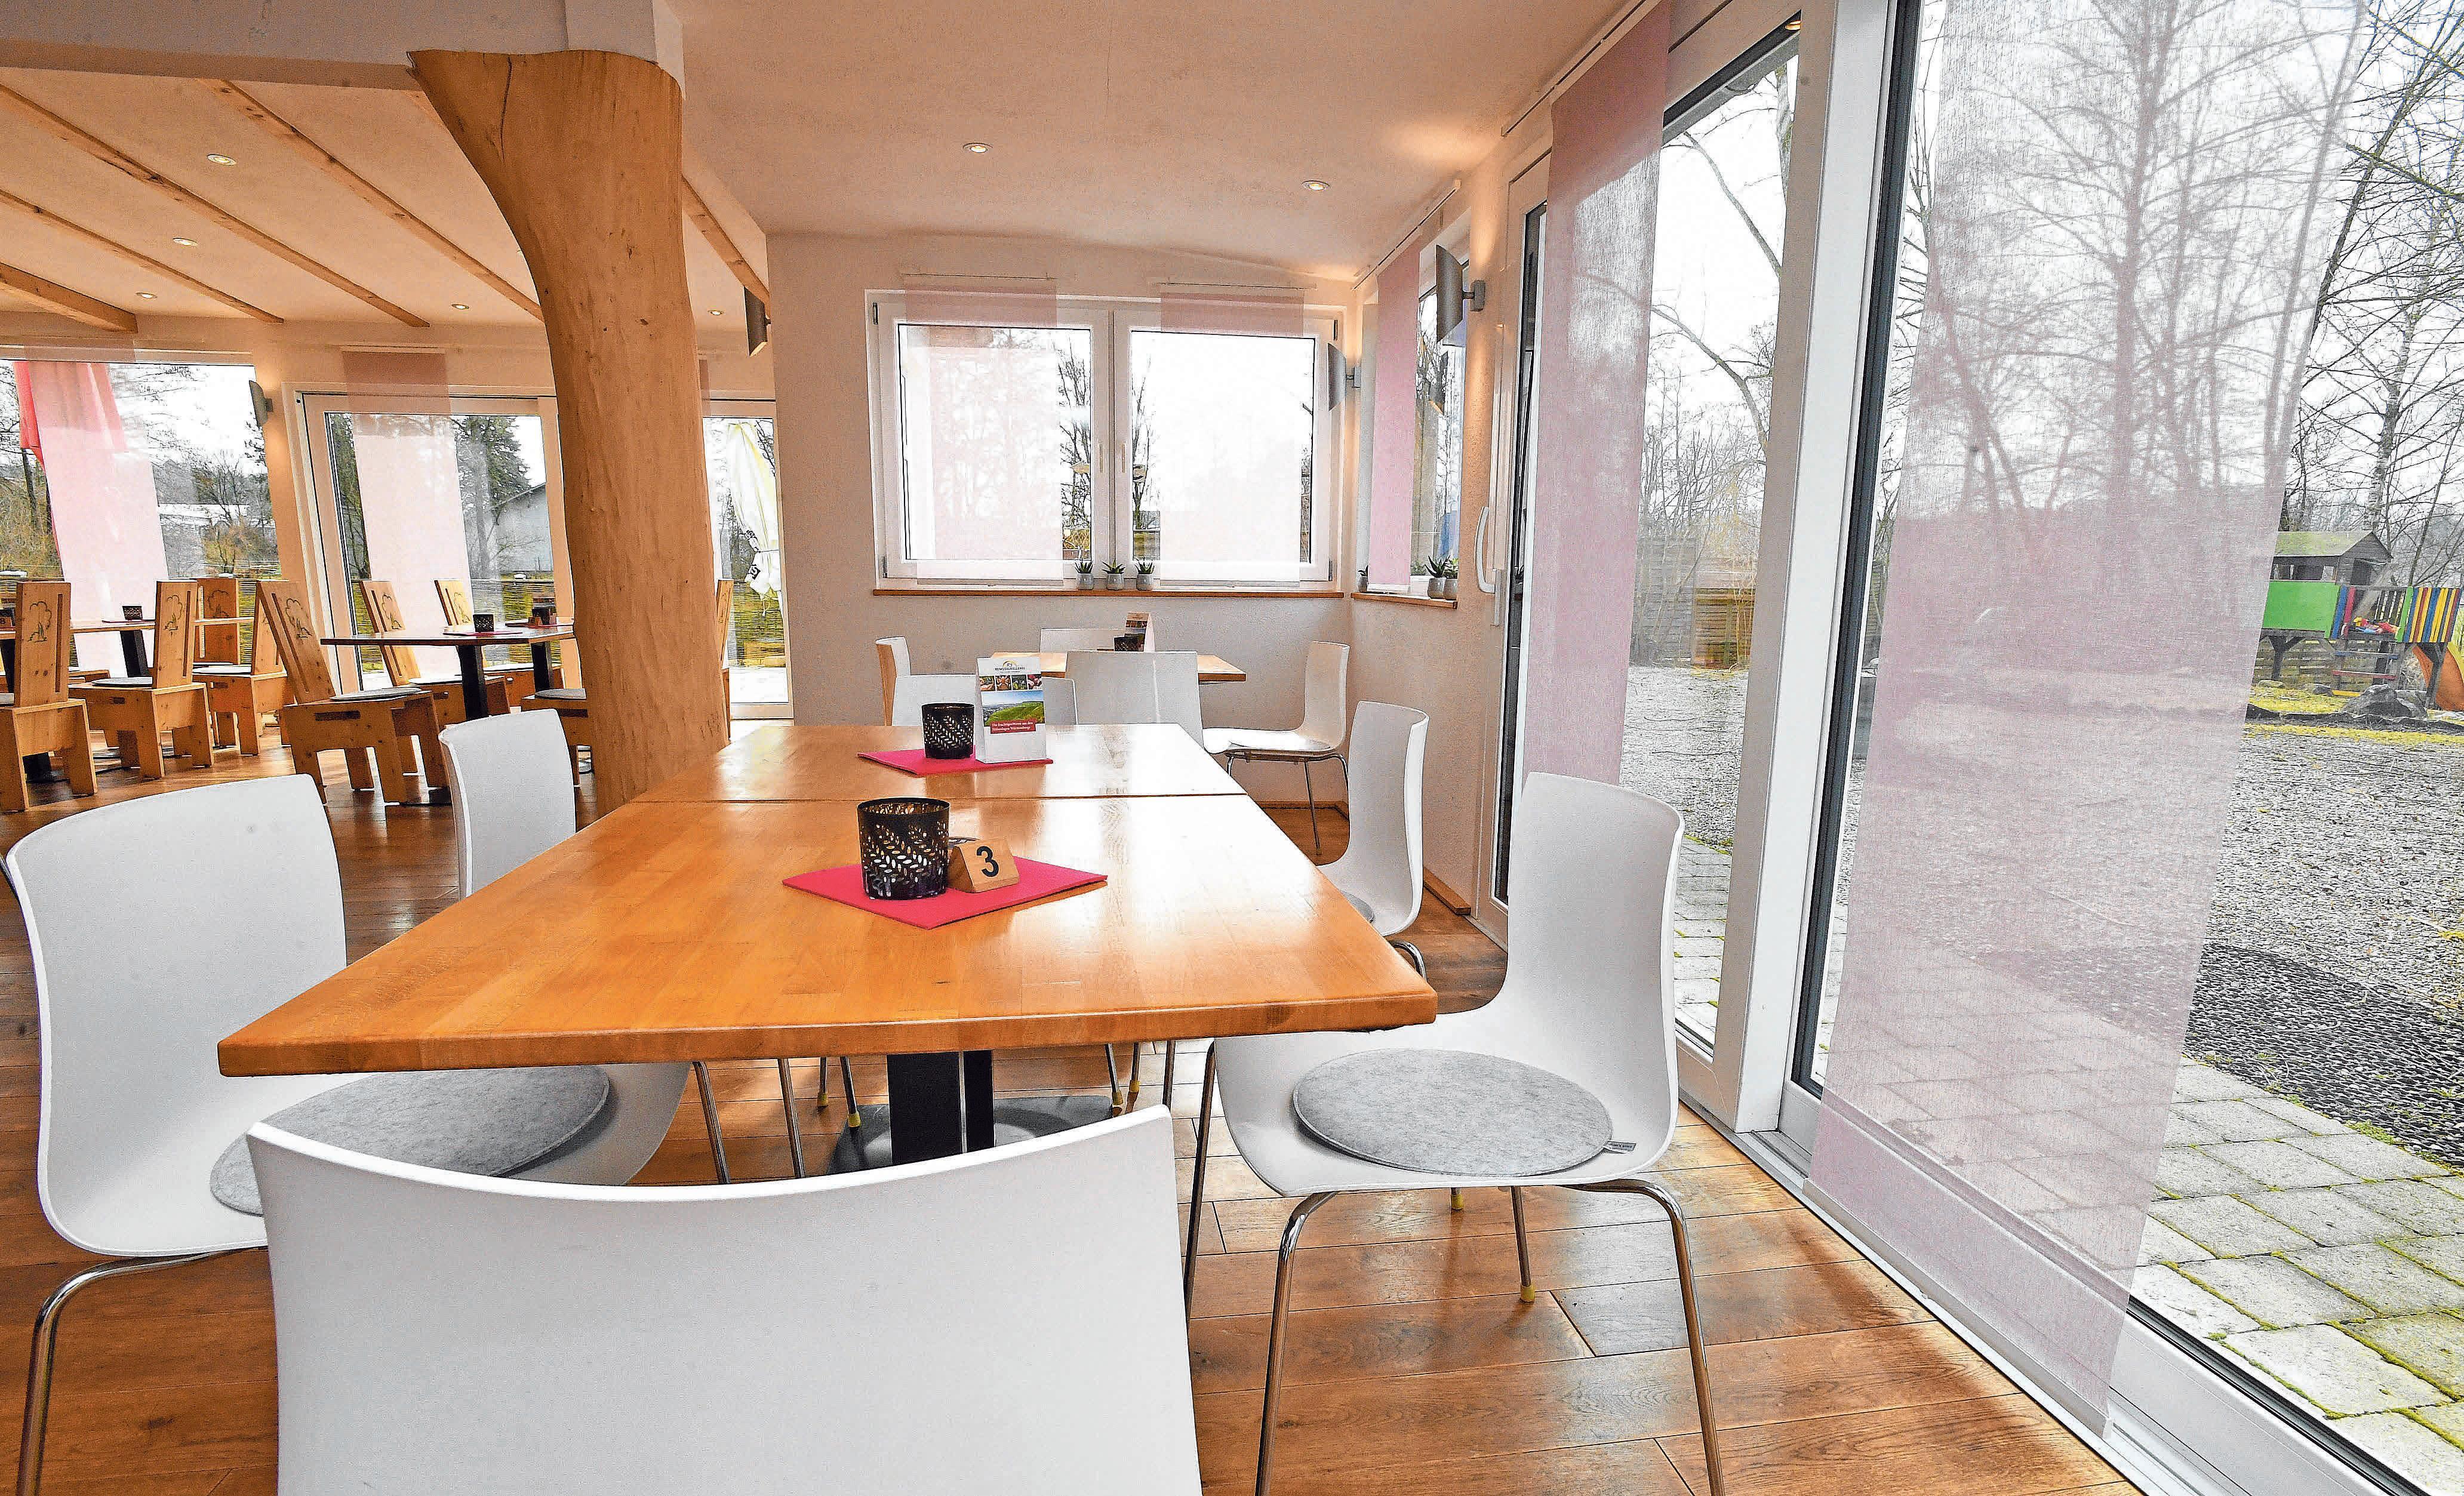 Helle Möbel und der Blick in die Gartenwirtschaft.